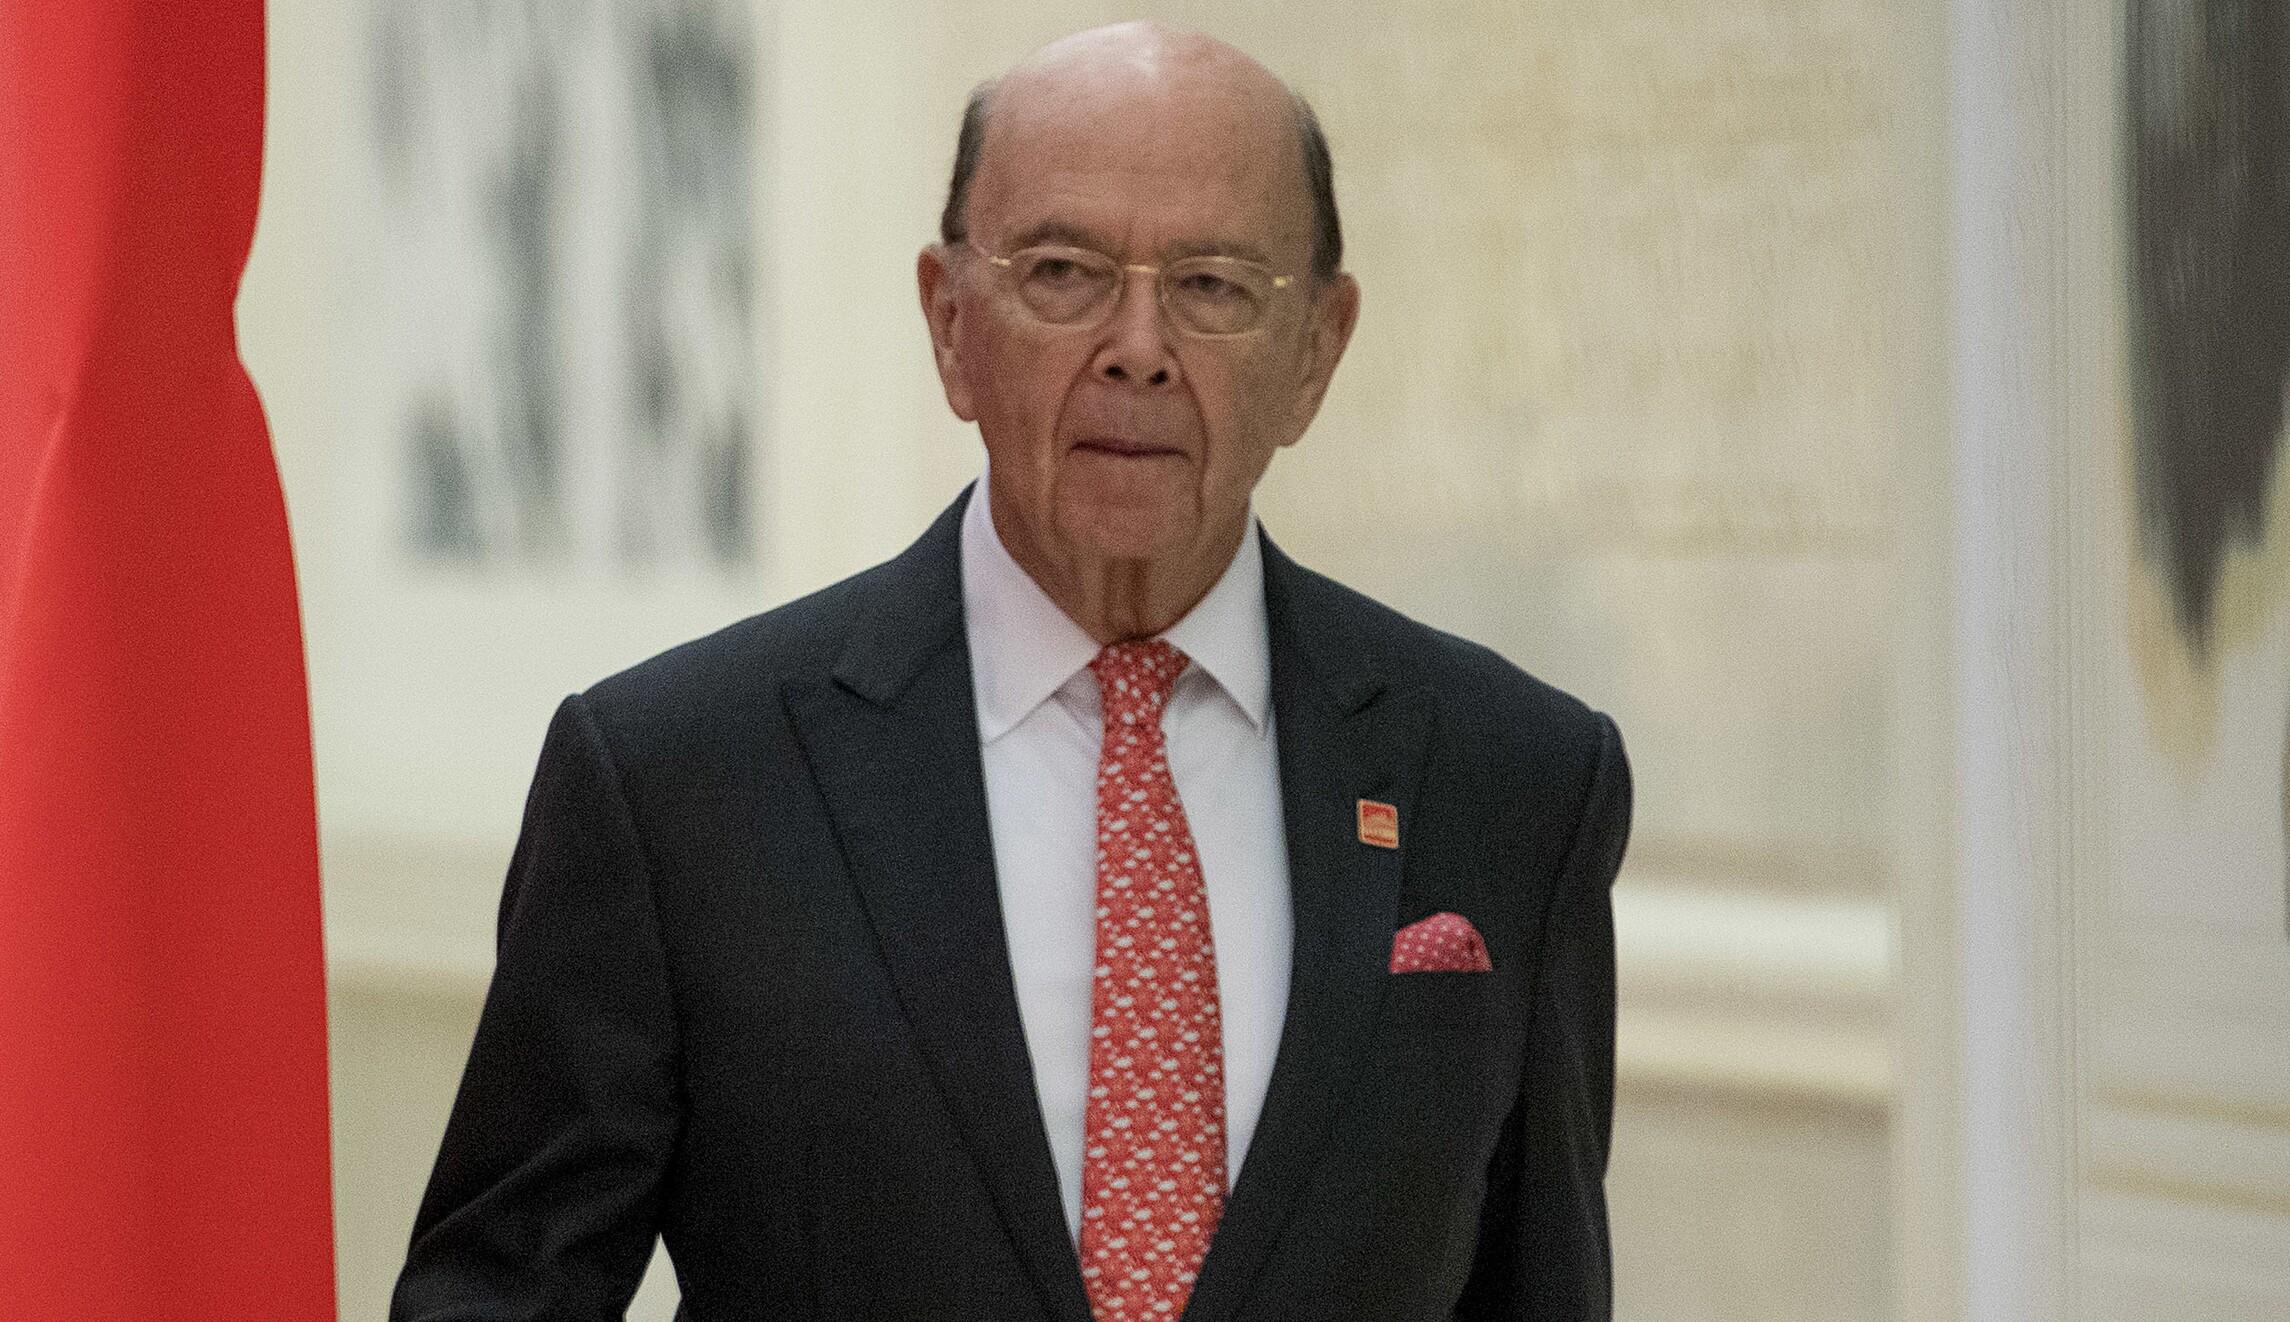 Democratic Senators Call For >> Democratic Senators Call For Commerce Department Ig To Investigate